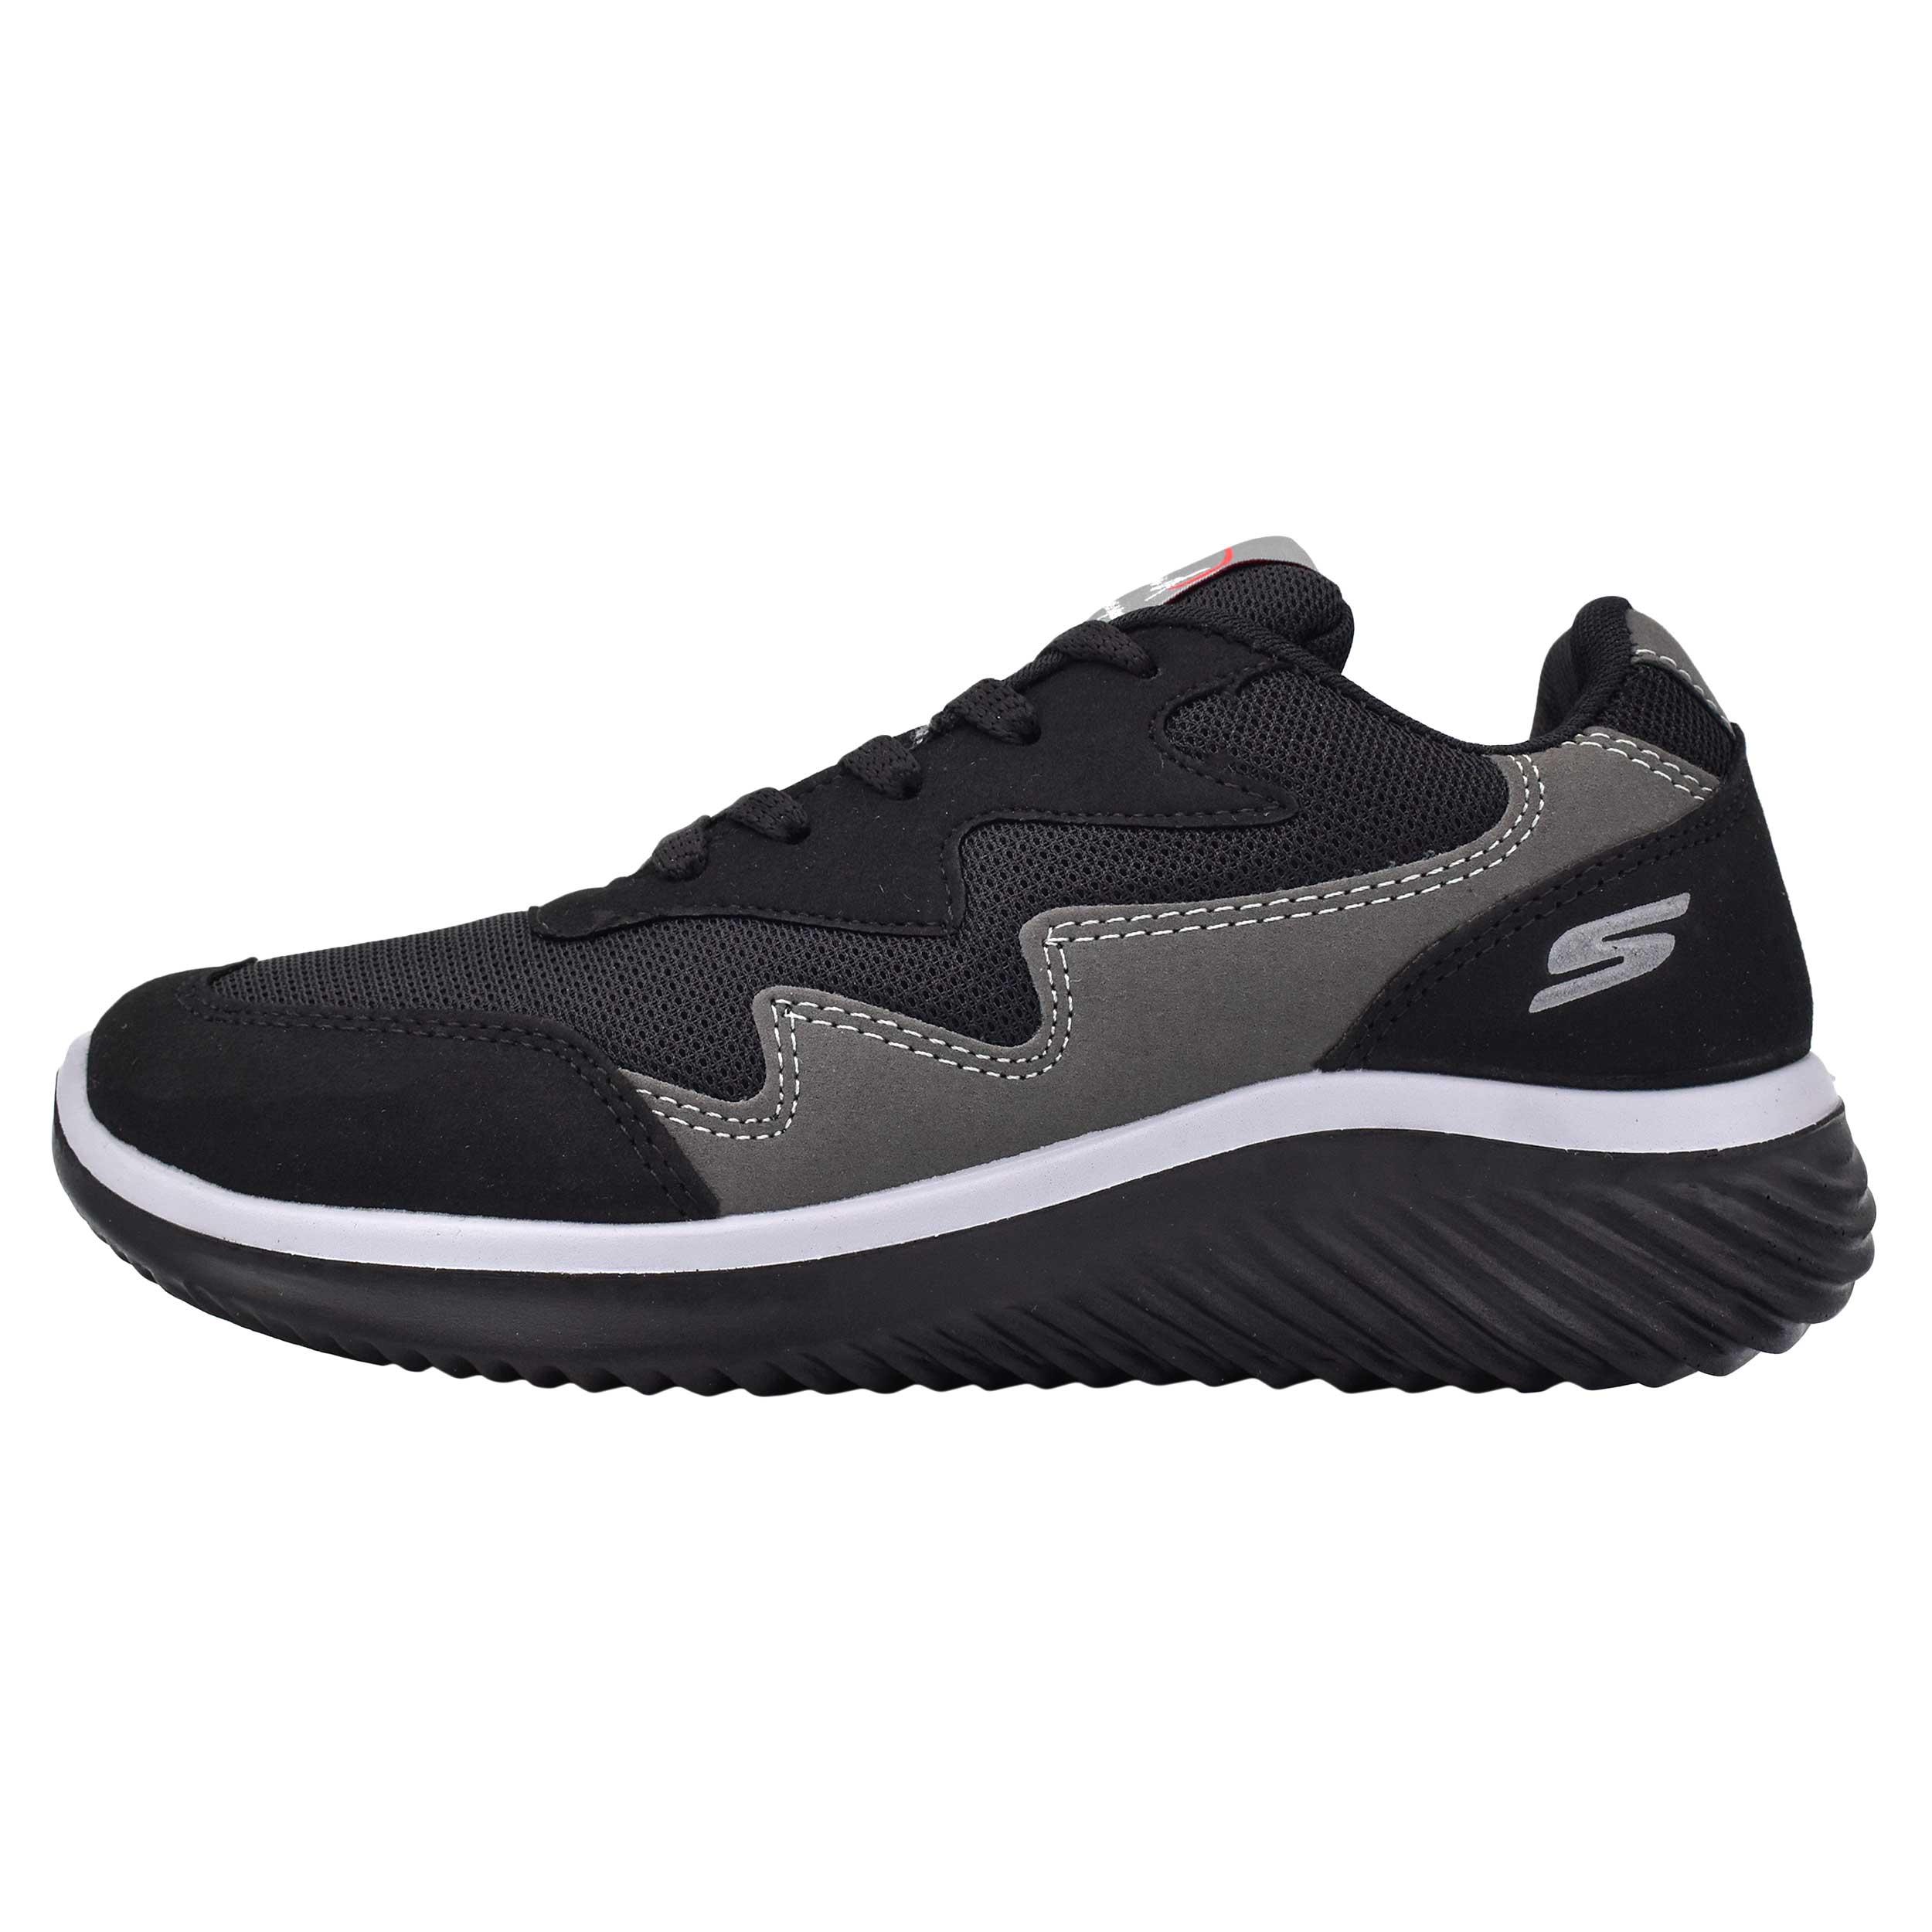 کفش مخصوص پیاده روی زنانه سهند کد 7575